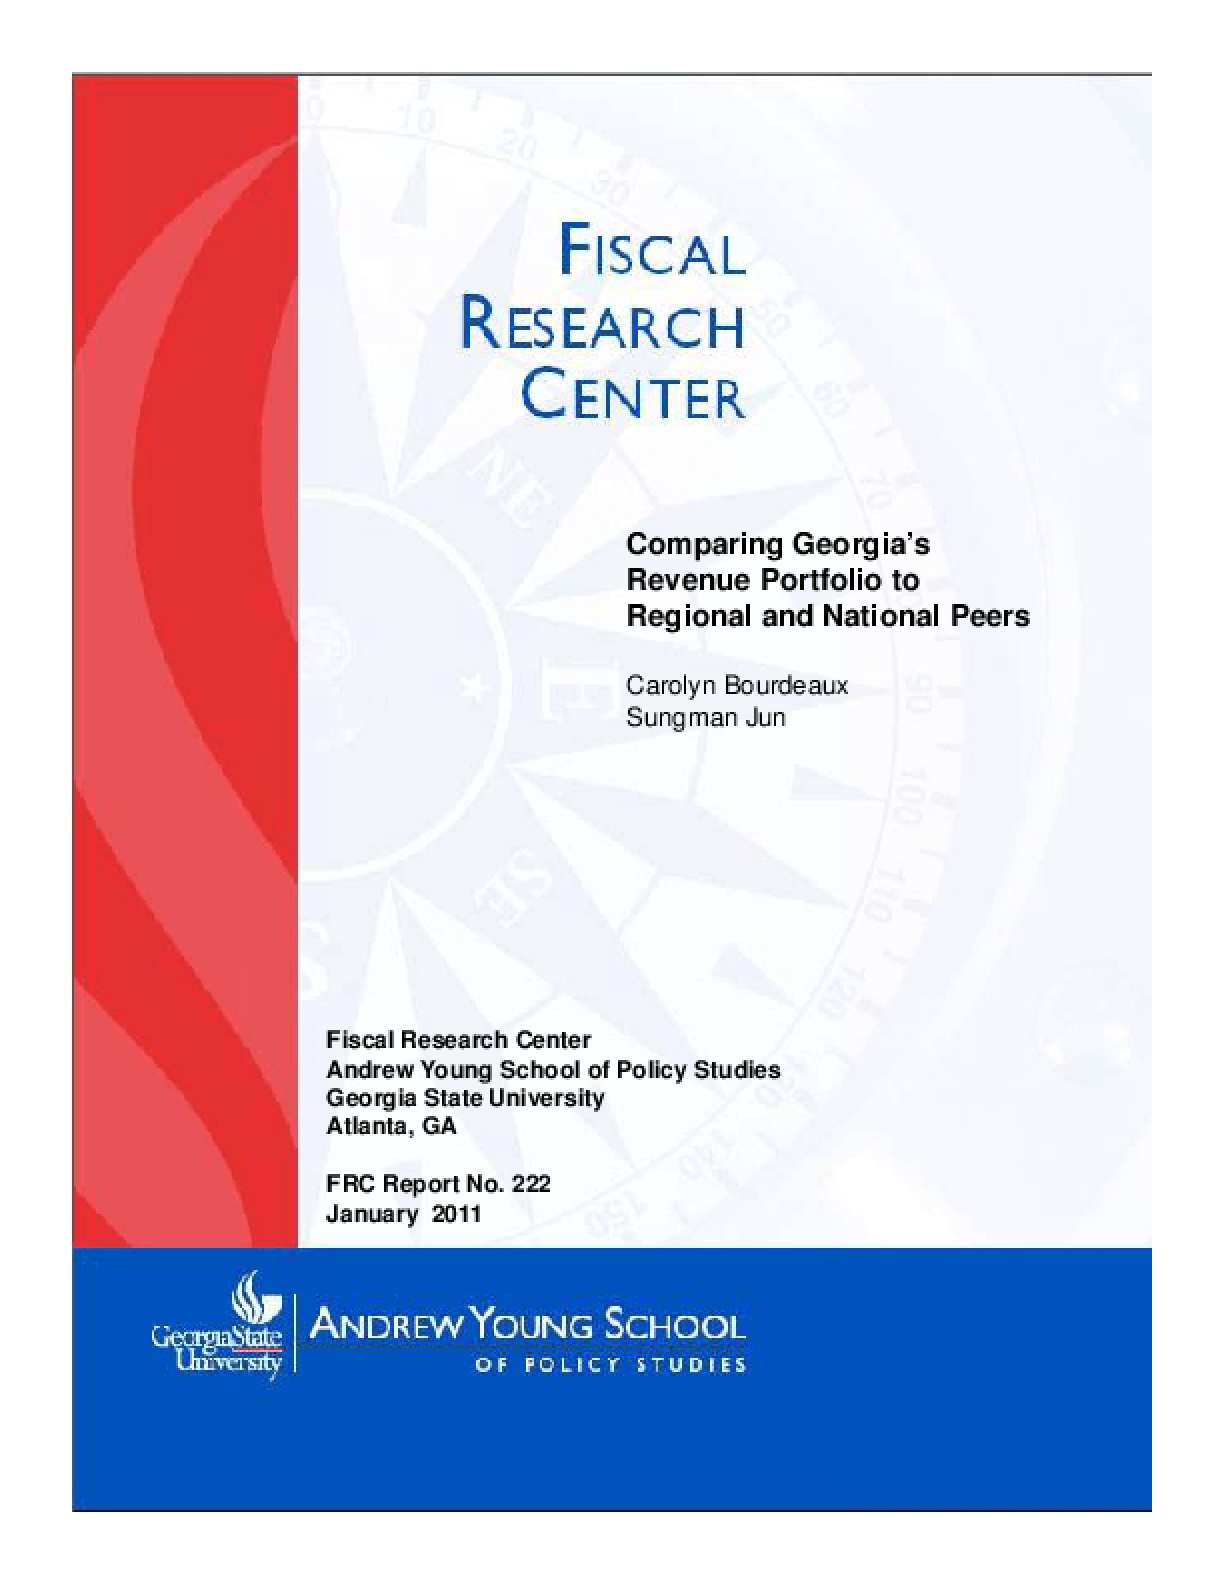 Comparing Georgia's Revenue Portfolio to Regional and National Peers